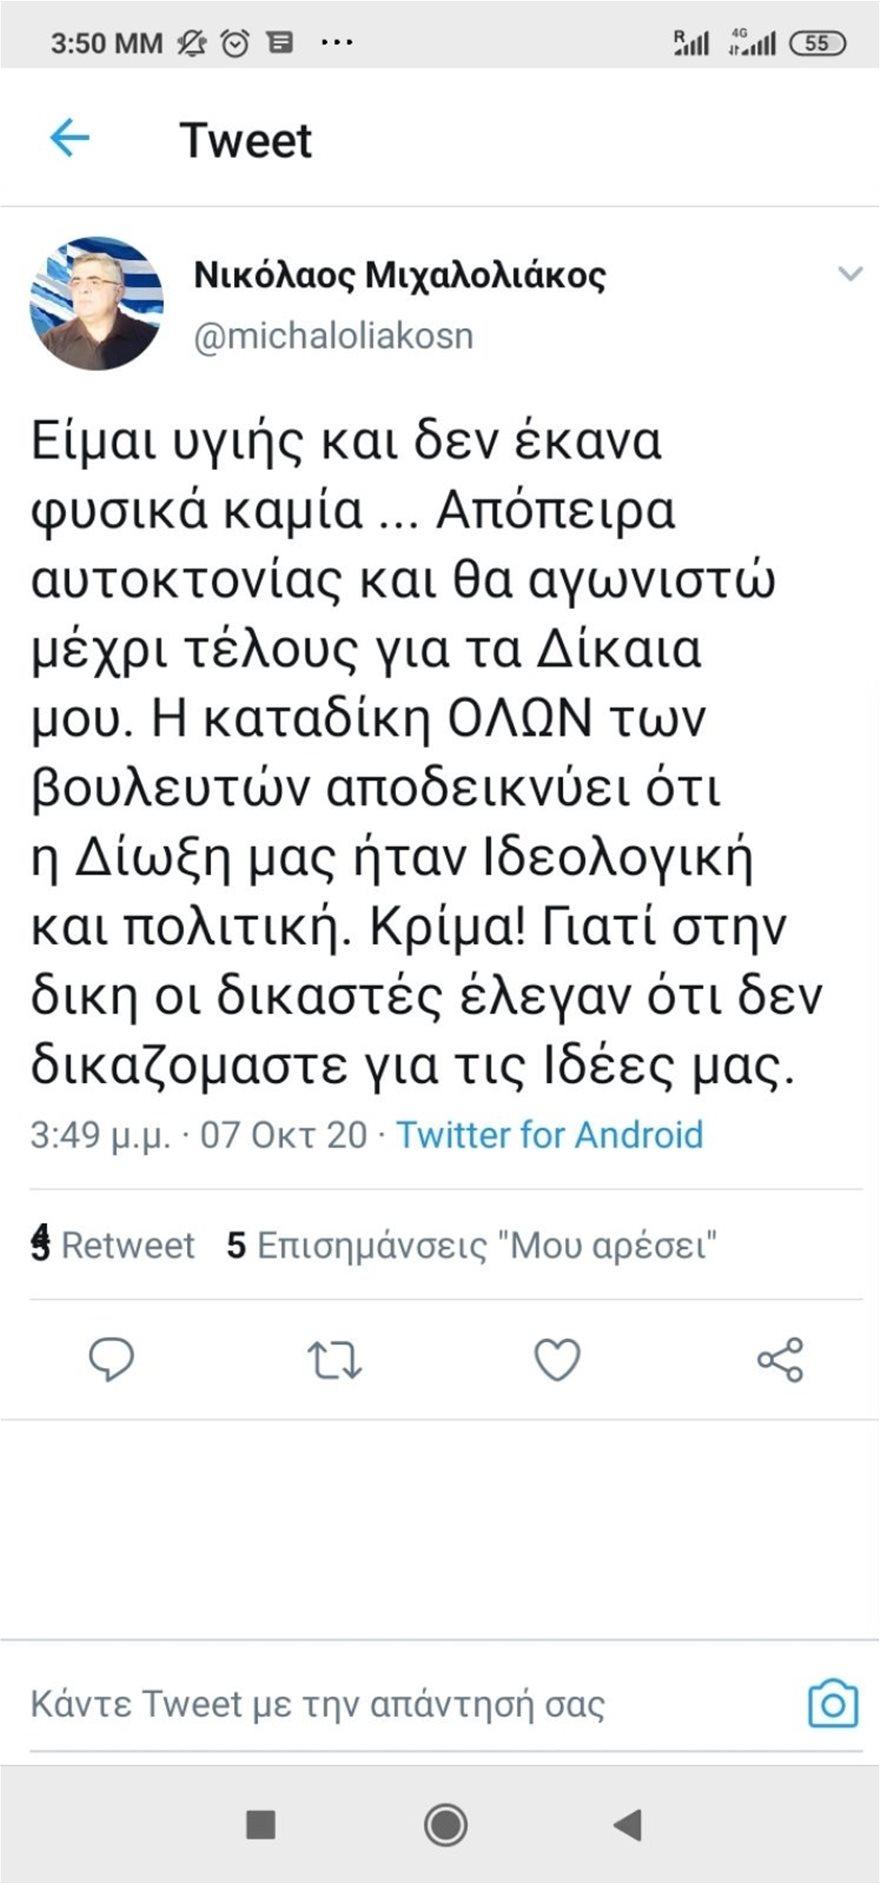 ΝΙΚΜΙΧ1